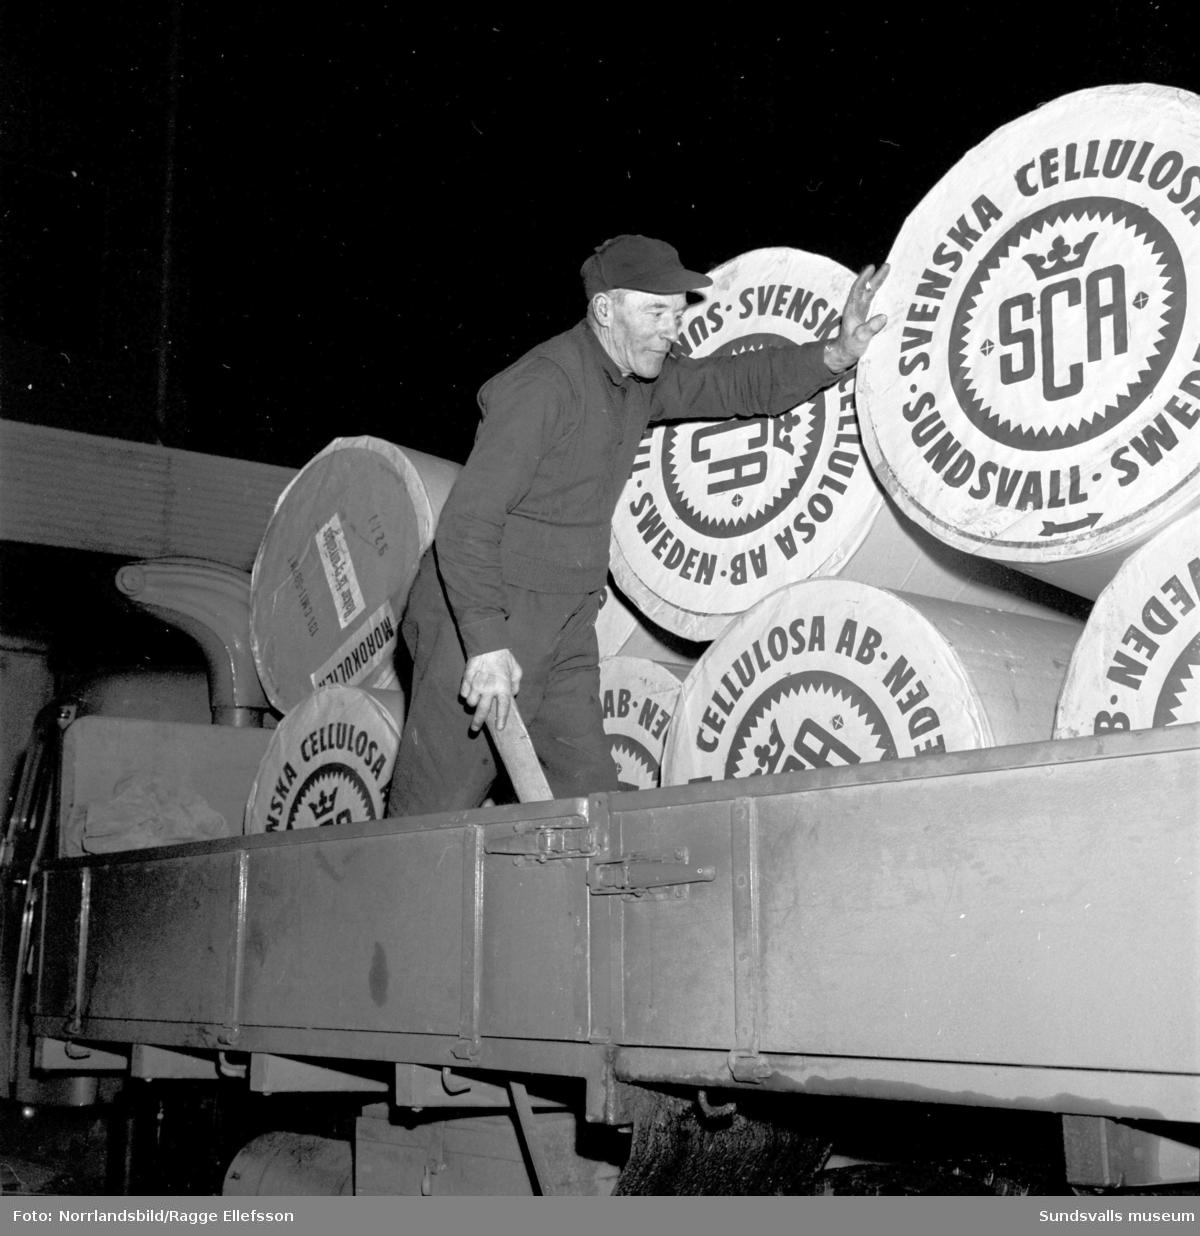 SCA levererade papper från Ortviken till mikrostaten Morokuliens tidning som planerades till julen 1959. För lastningen svarade Ivar Nordstrand, Stig Pettersson och Bengt Erik Hallén från Sundsvalls Lastbils AB.